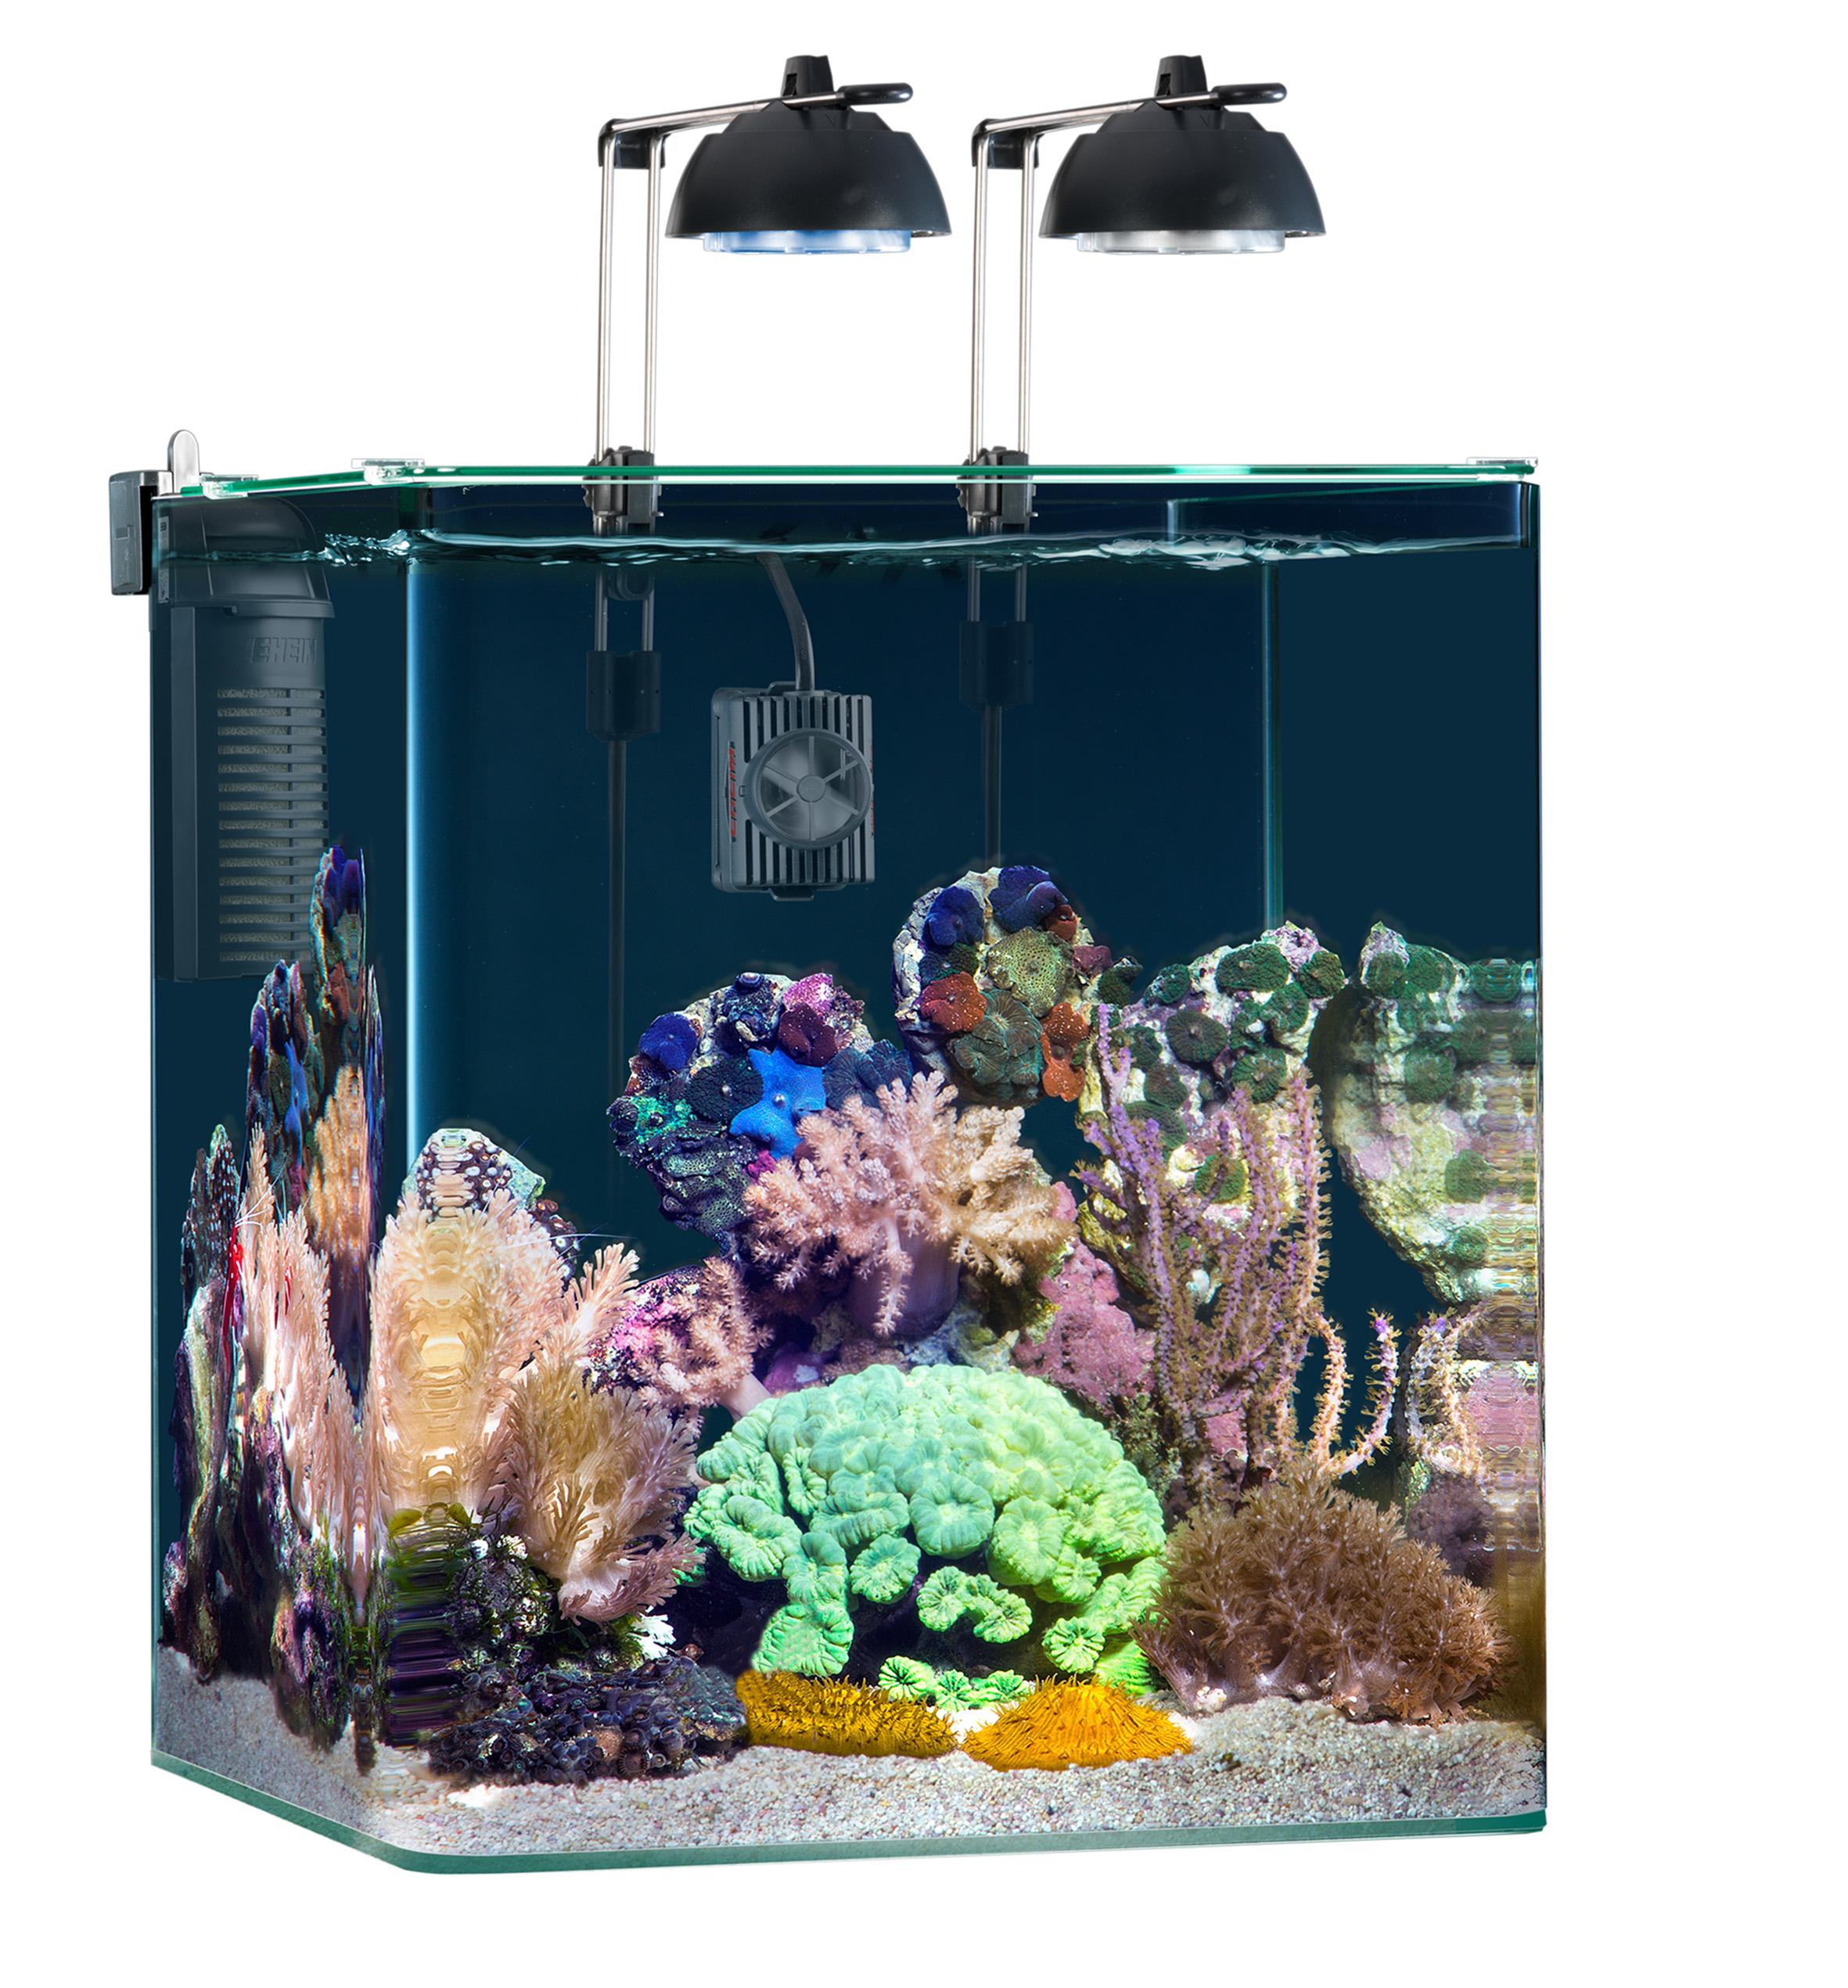 EHEIM nano marine | Galerie Wasserwelten